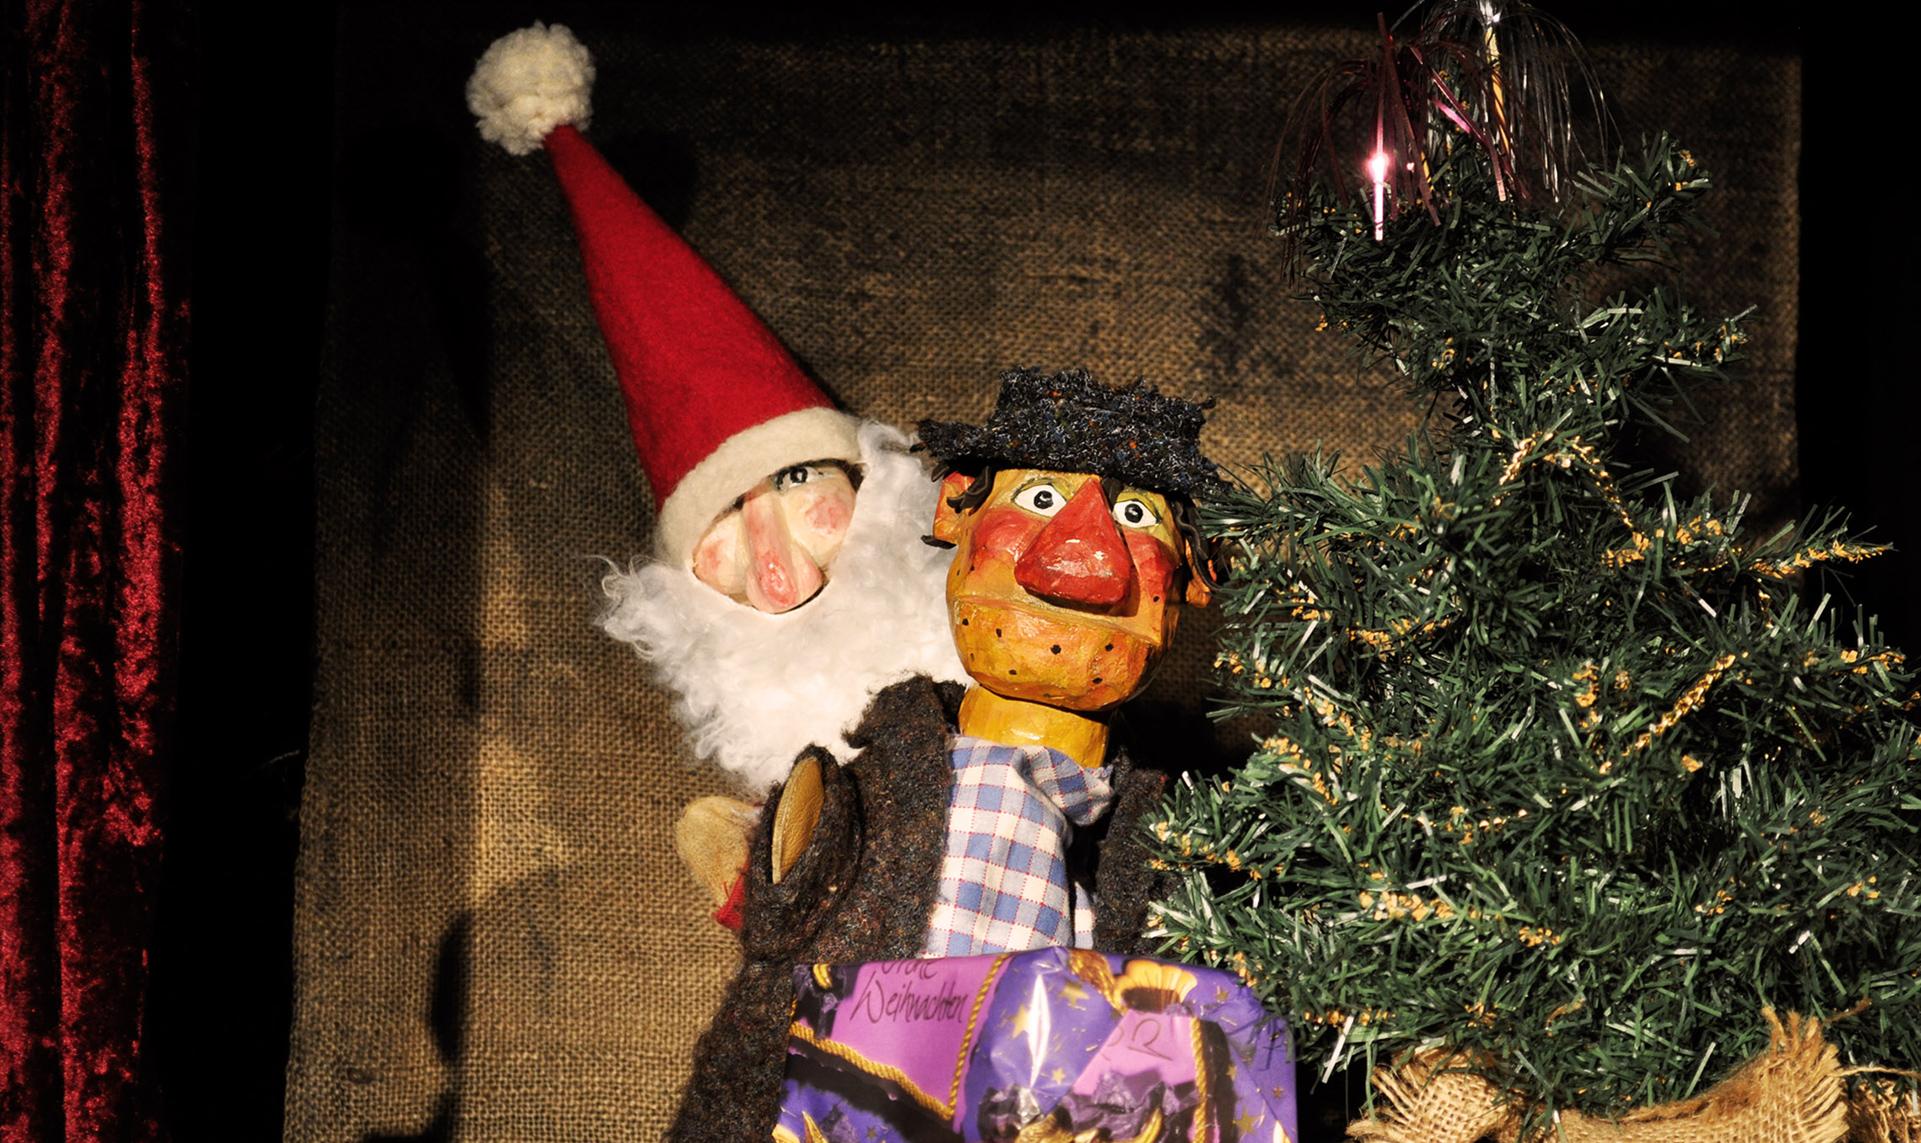 O Tannenbaum – Weihnachten bei Kasper und Gretel